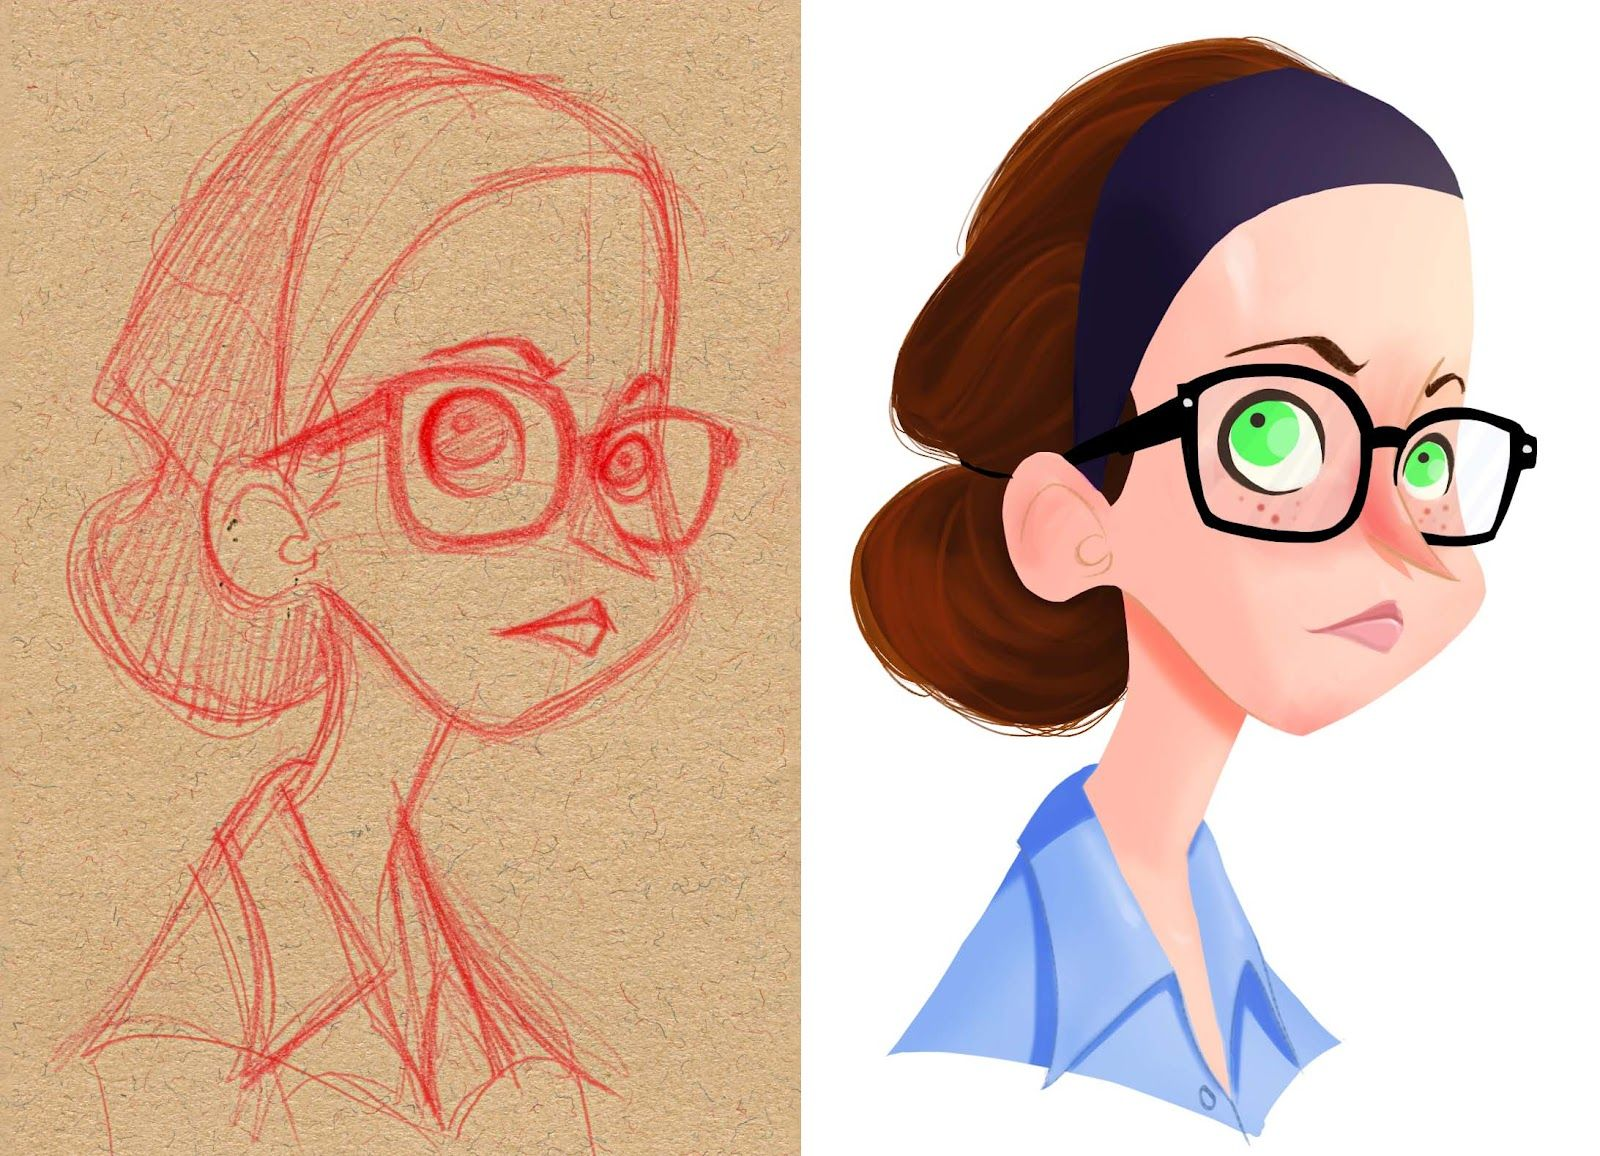 pierwsza stawka nowy wygląd różnie Pin by Aaron Williams on Sketch the World | Character design ...